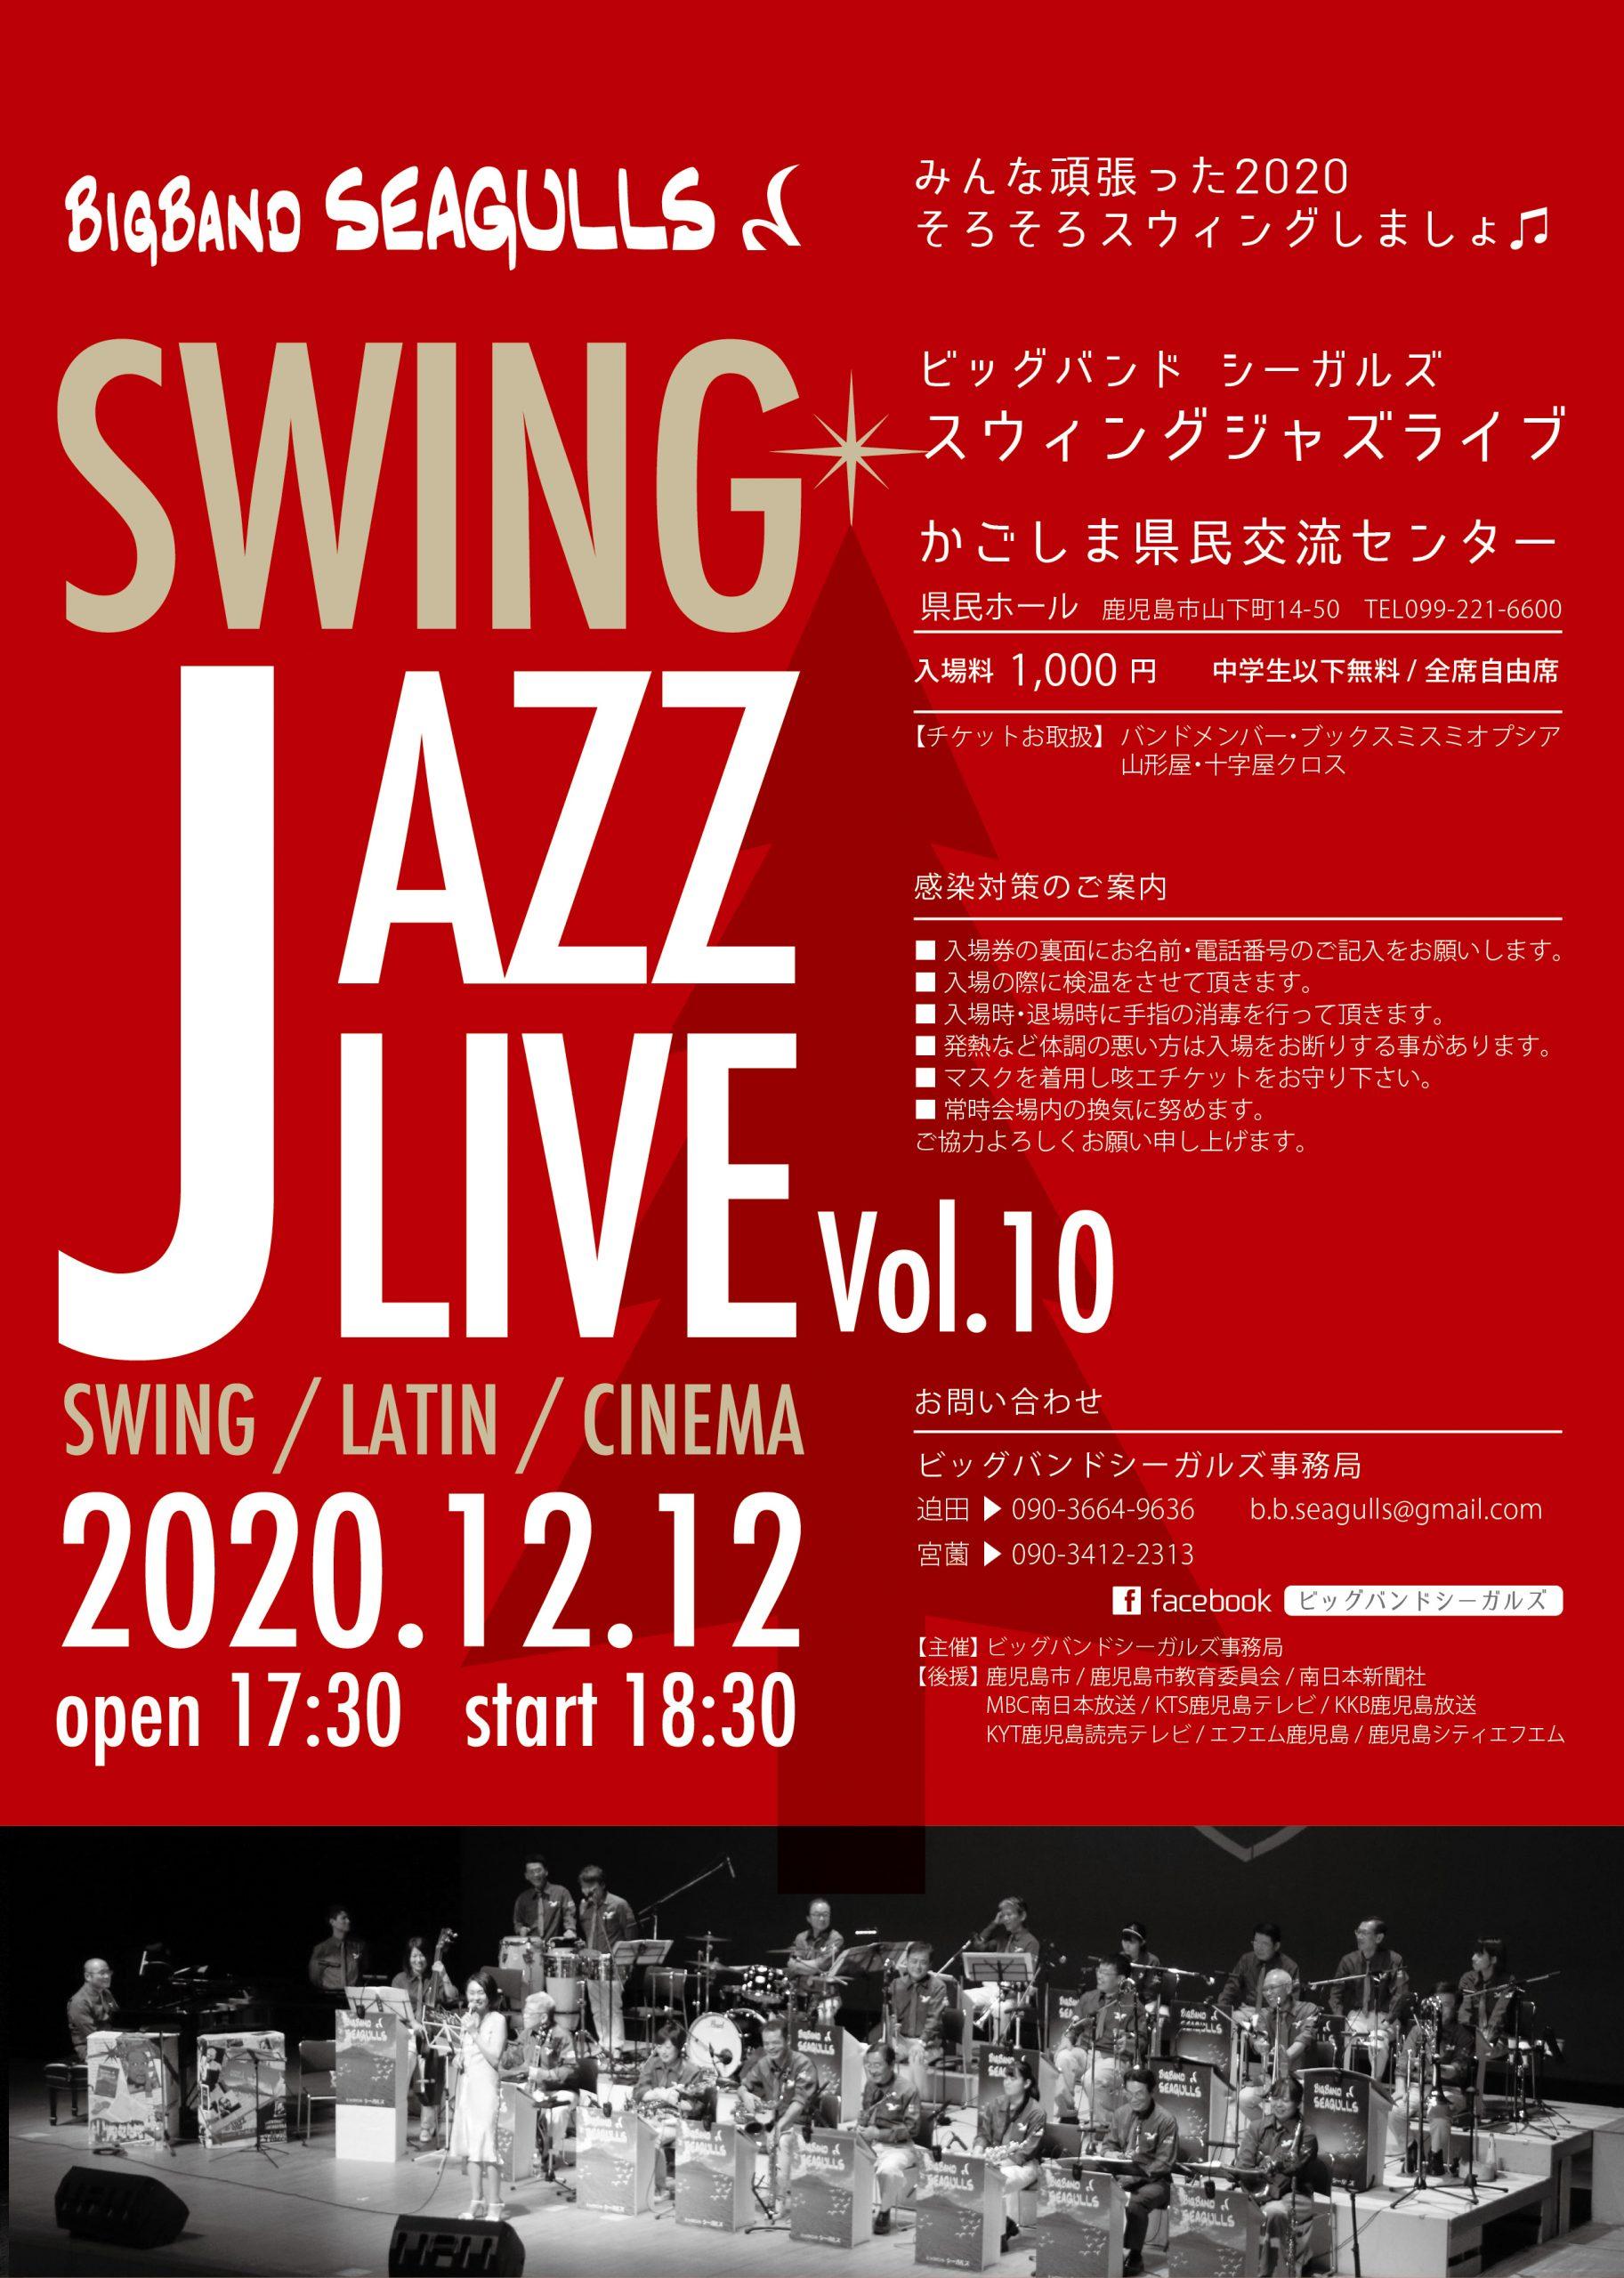 ビッグバンド シーガルズ スウィングジャズライブ Vol.10